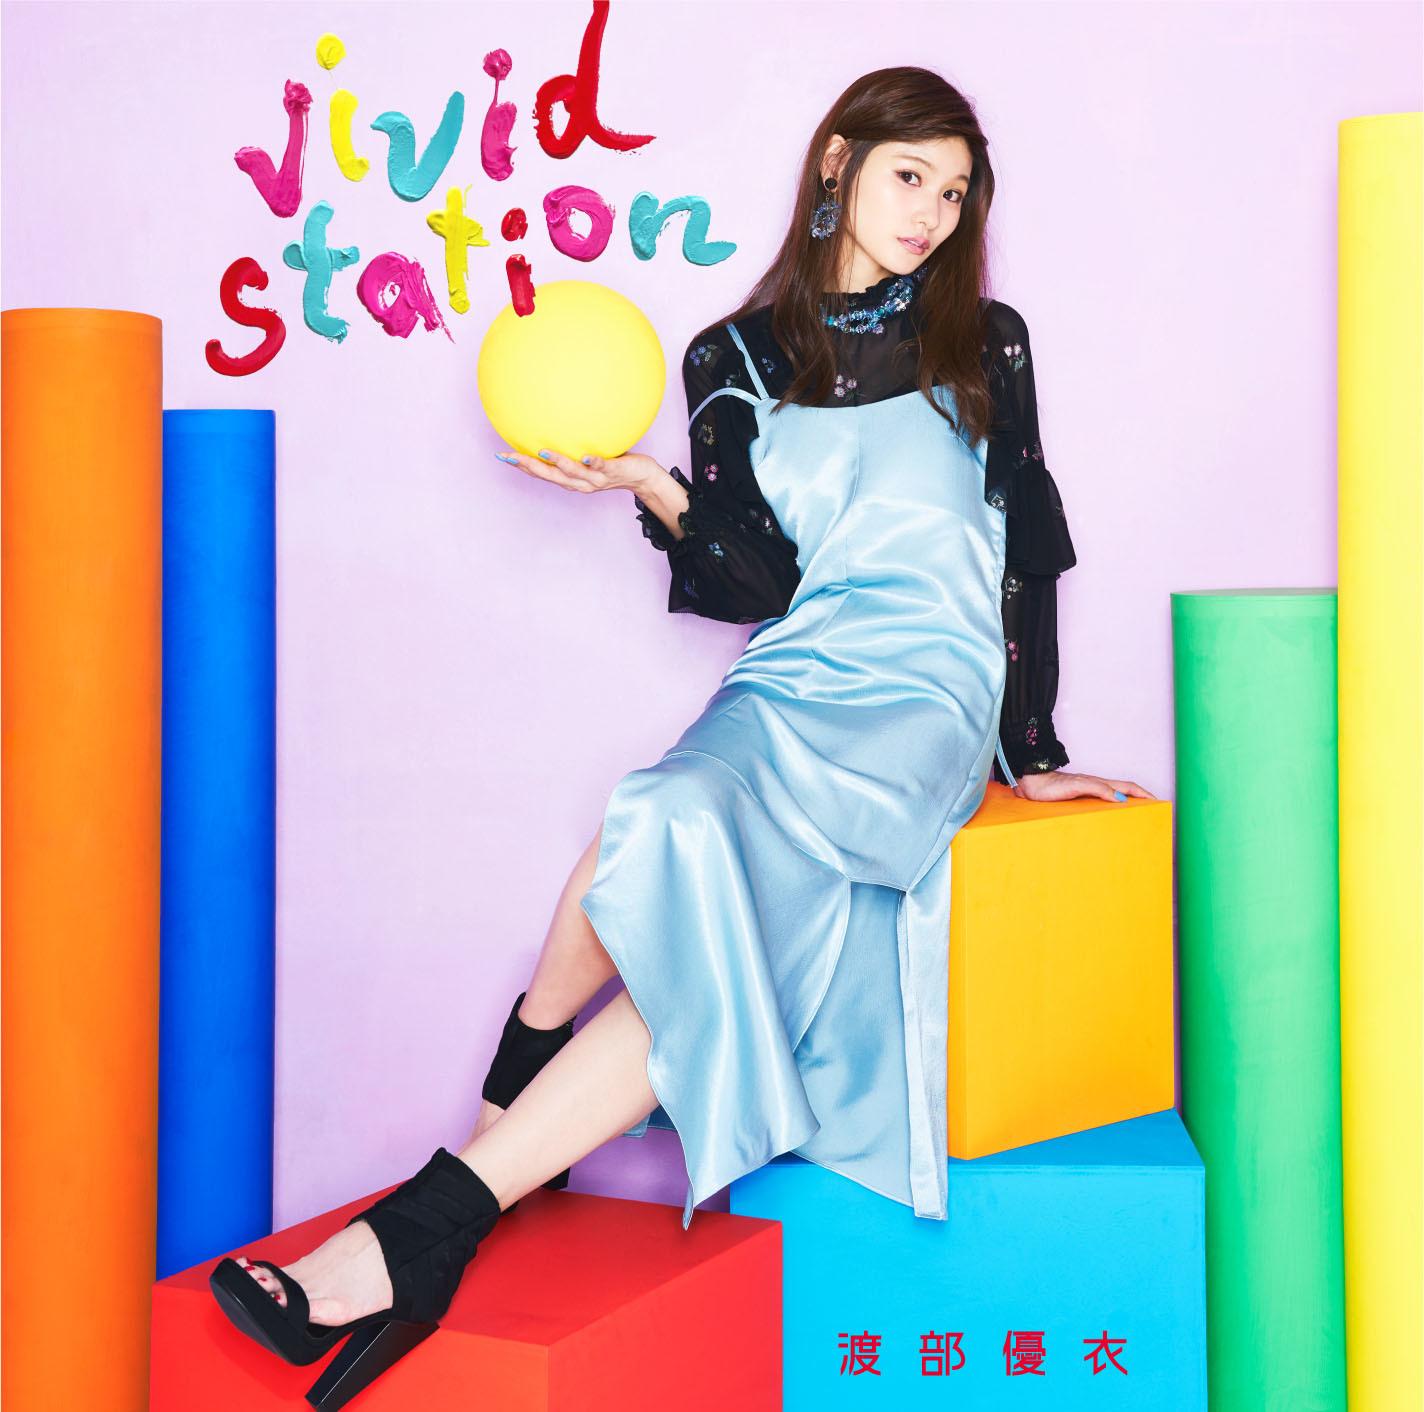 Watanabeyui_vividstation_%e9%80%9a%e5%b8%b8%e7%9b%a4